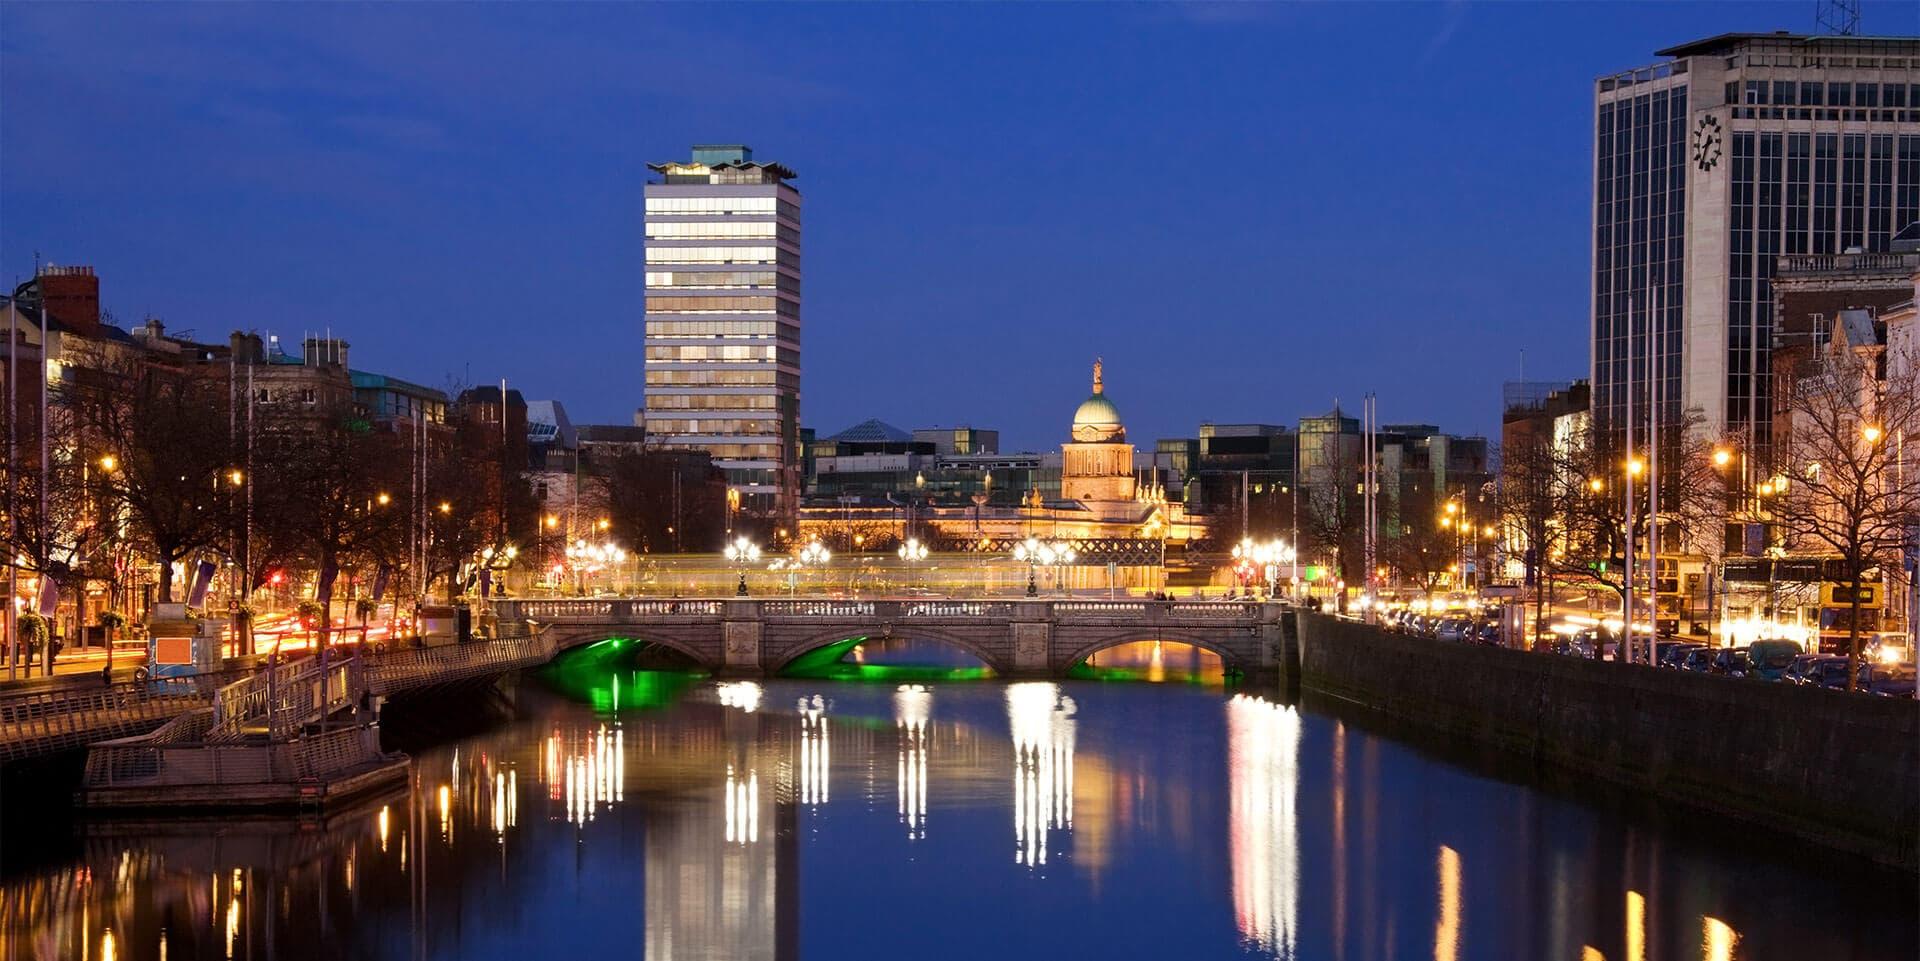 Proximity to Dublin